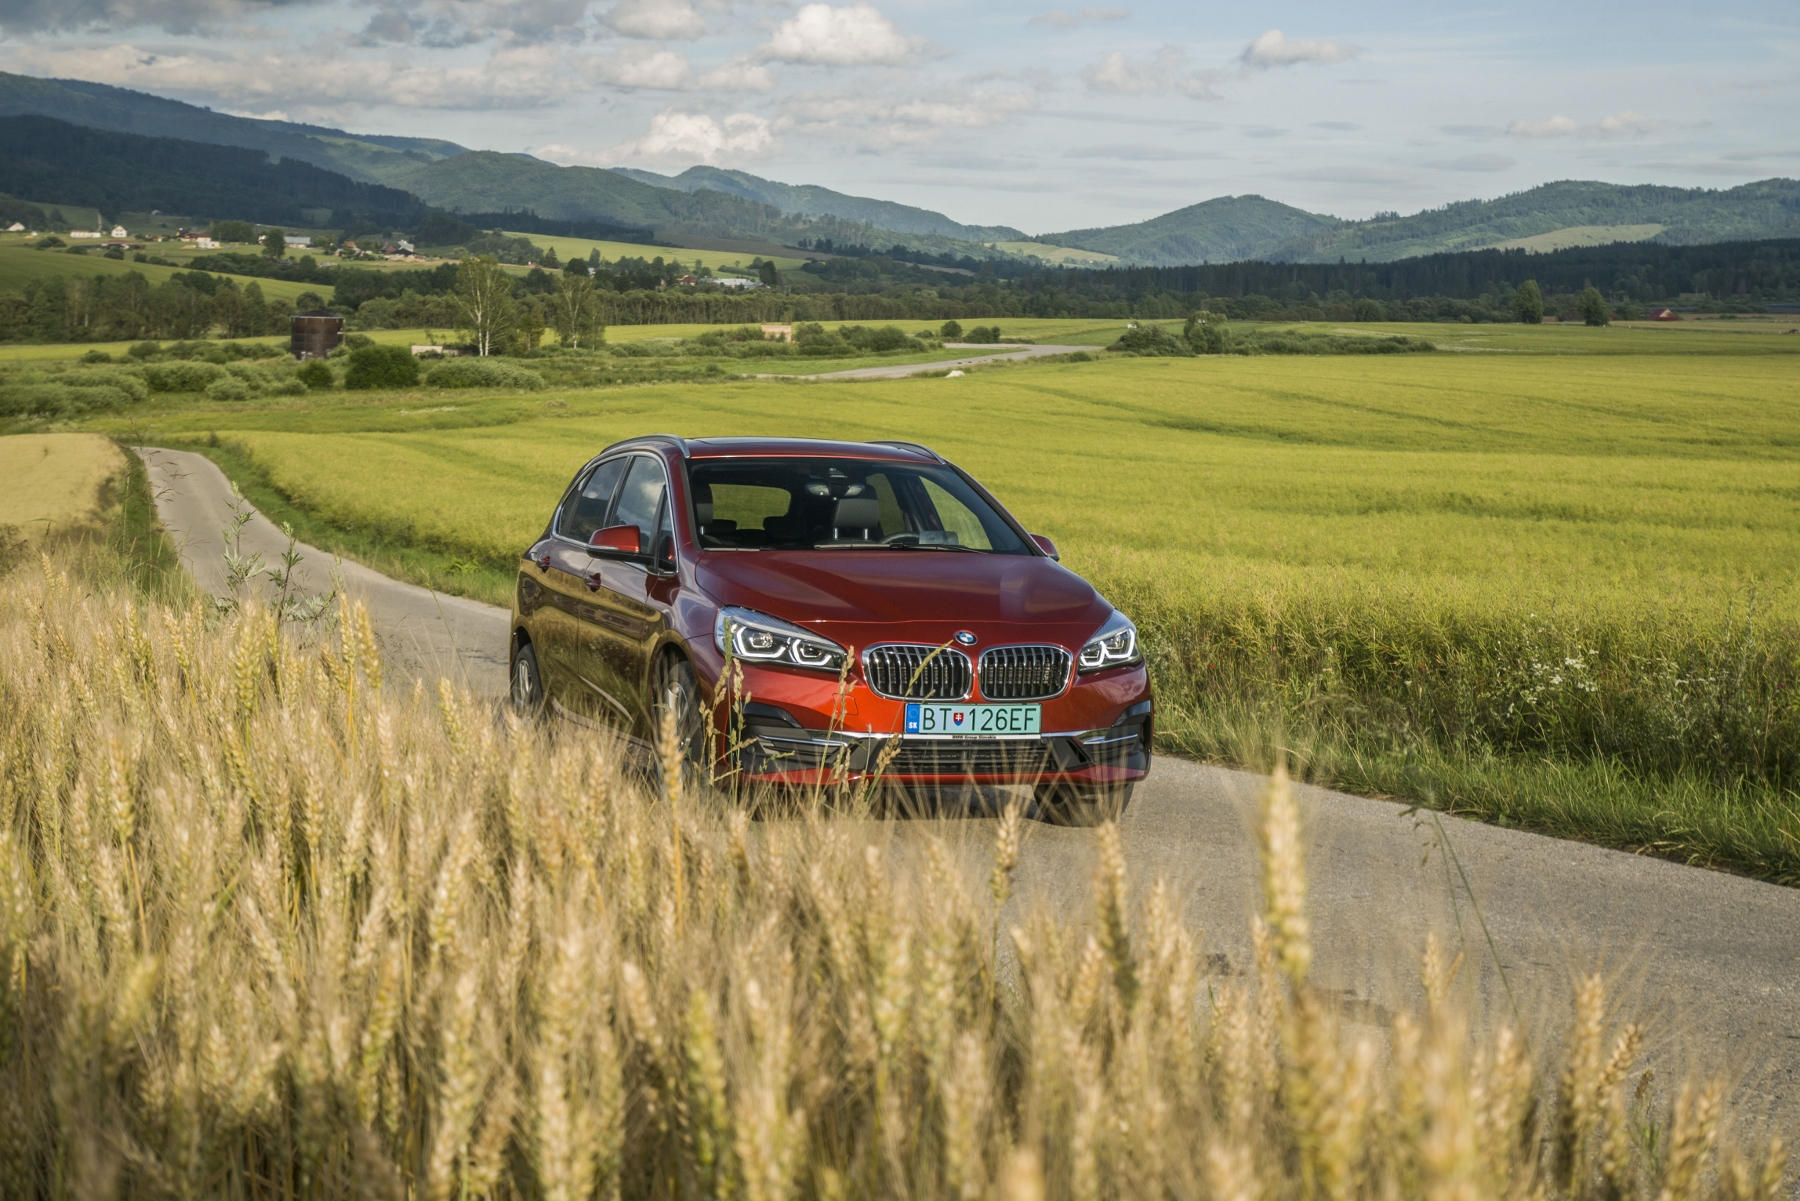 Test BMW 225 xe: Plug in hybrid nie je drahší od benzínu a nafty